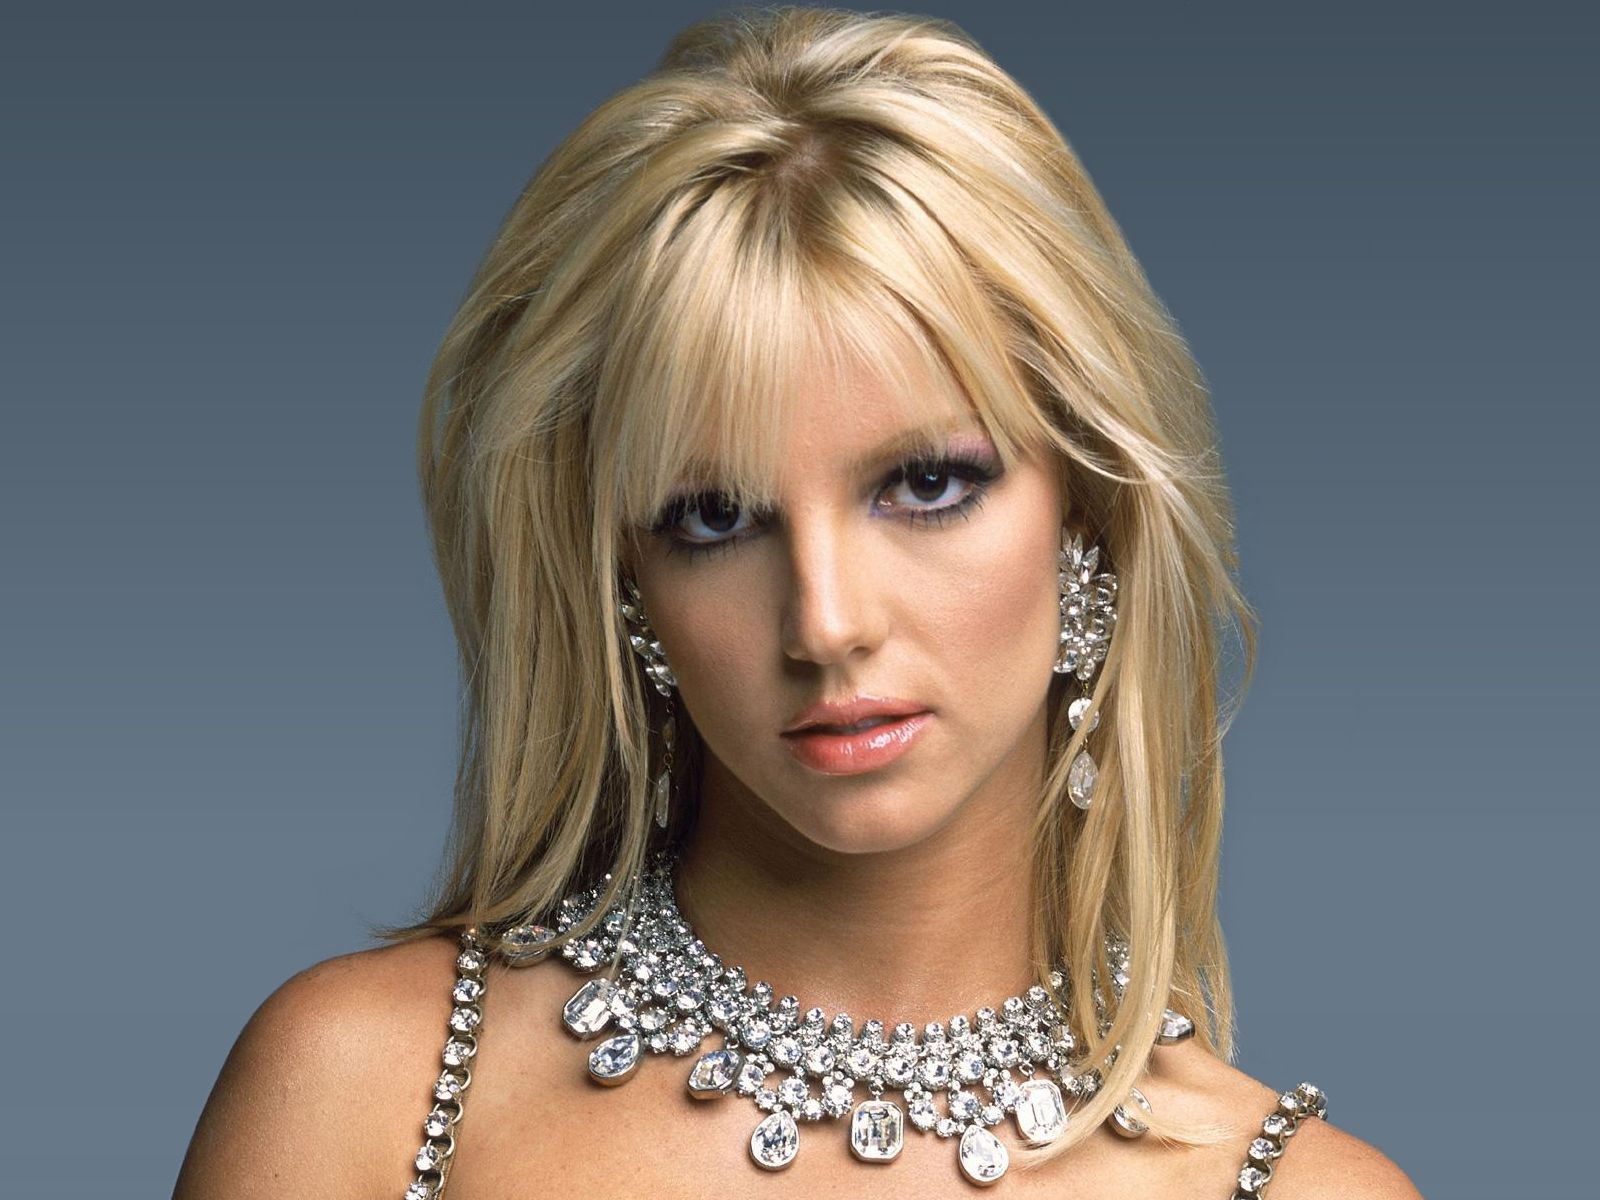 http://1.bp.blogspot.com/-65PfyFMW2x0/T9oCrlpafnI/AAAAAAAABVQ/oJvPbC6yXHE/s1600/Britney+Spears+HD+Wallpapers+(3).jpg